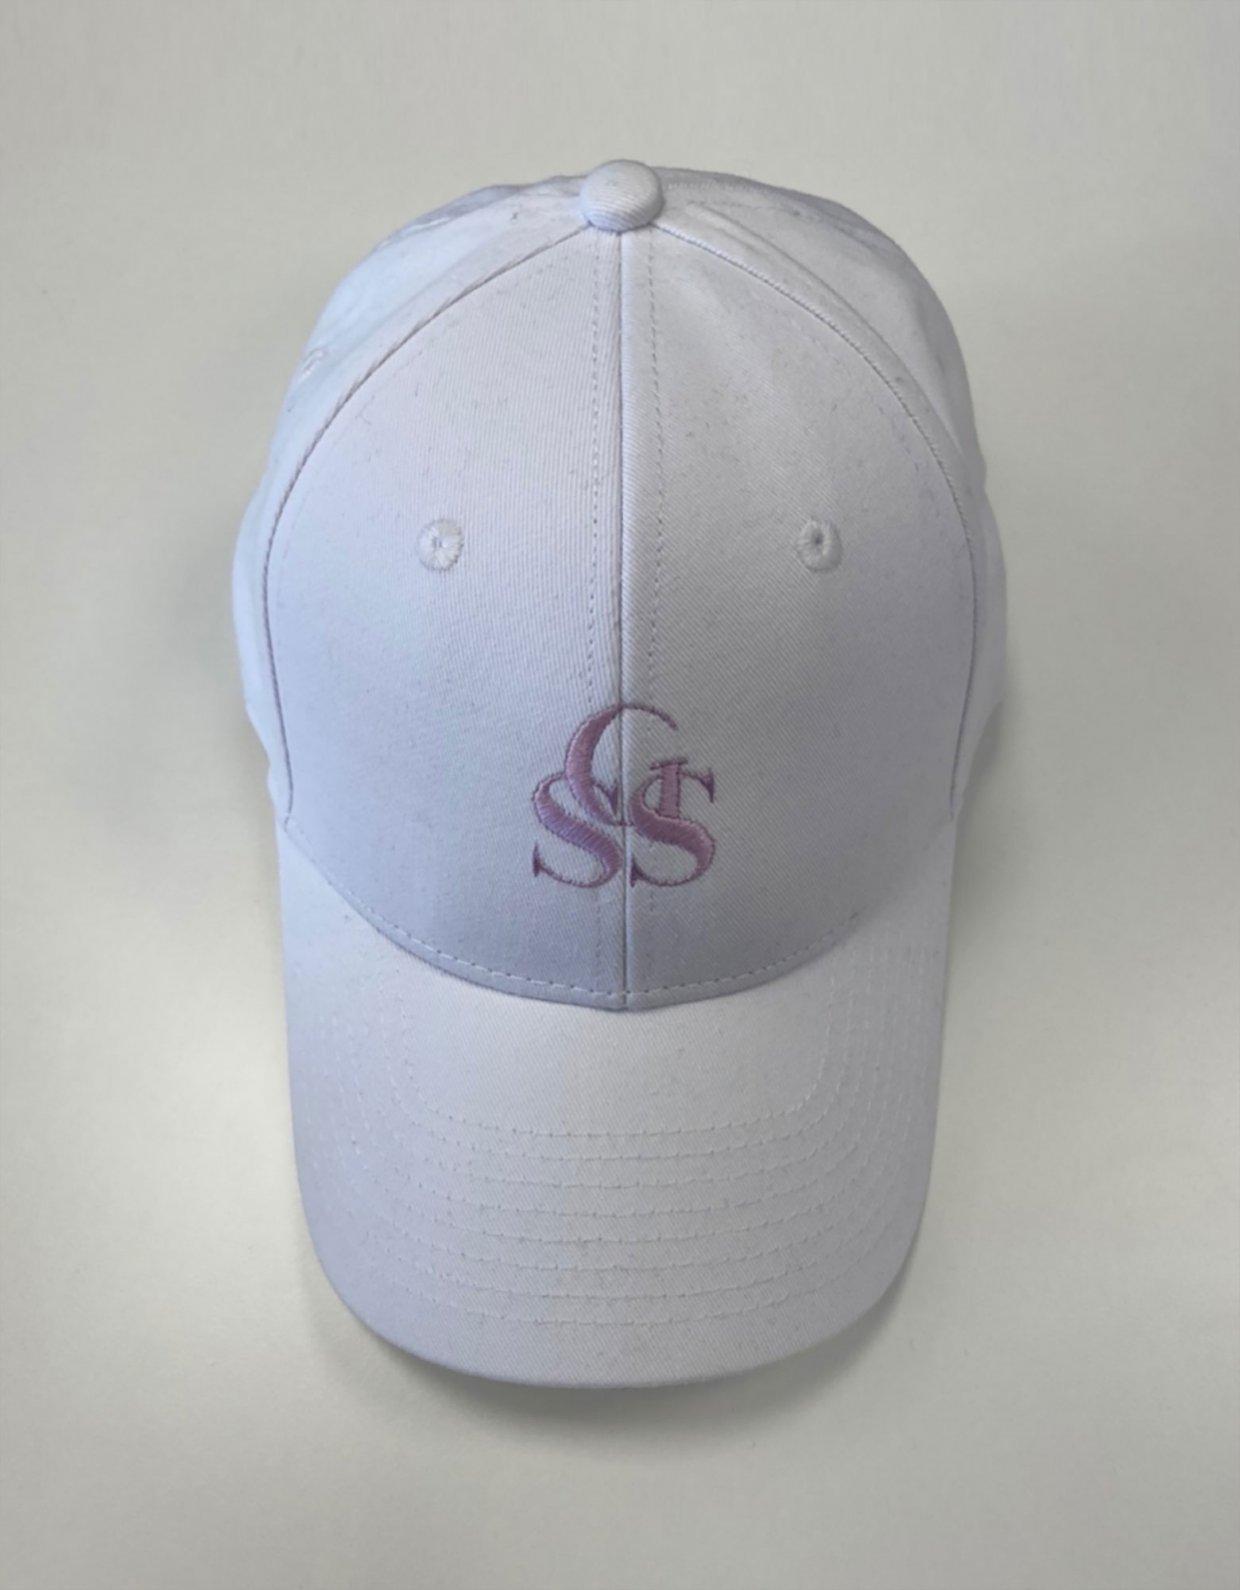 Sunset go SSG Hat white